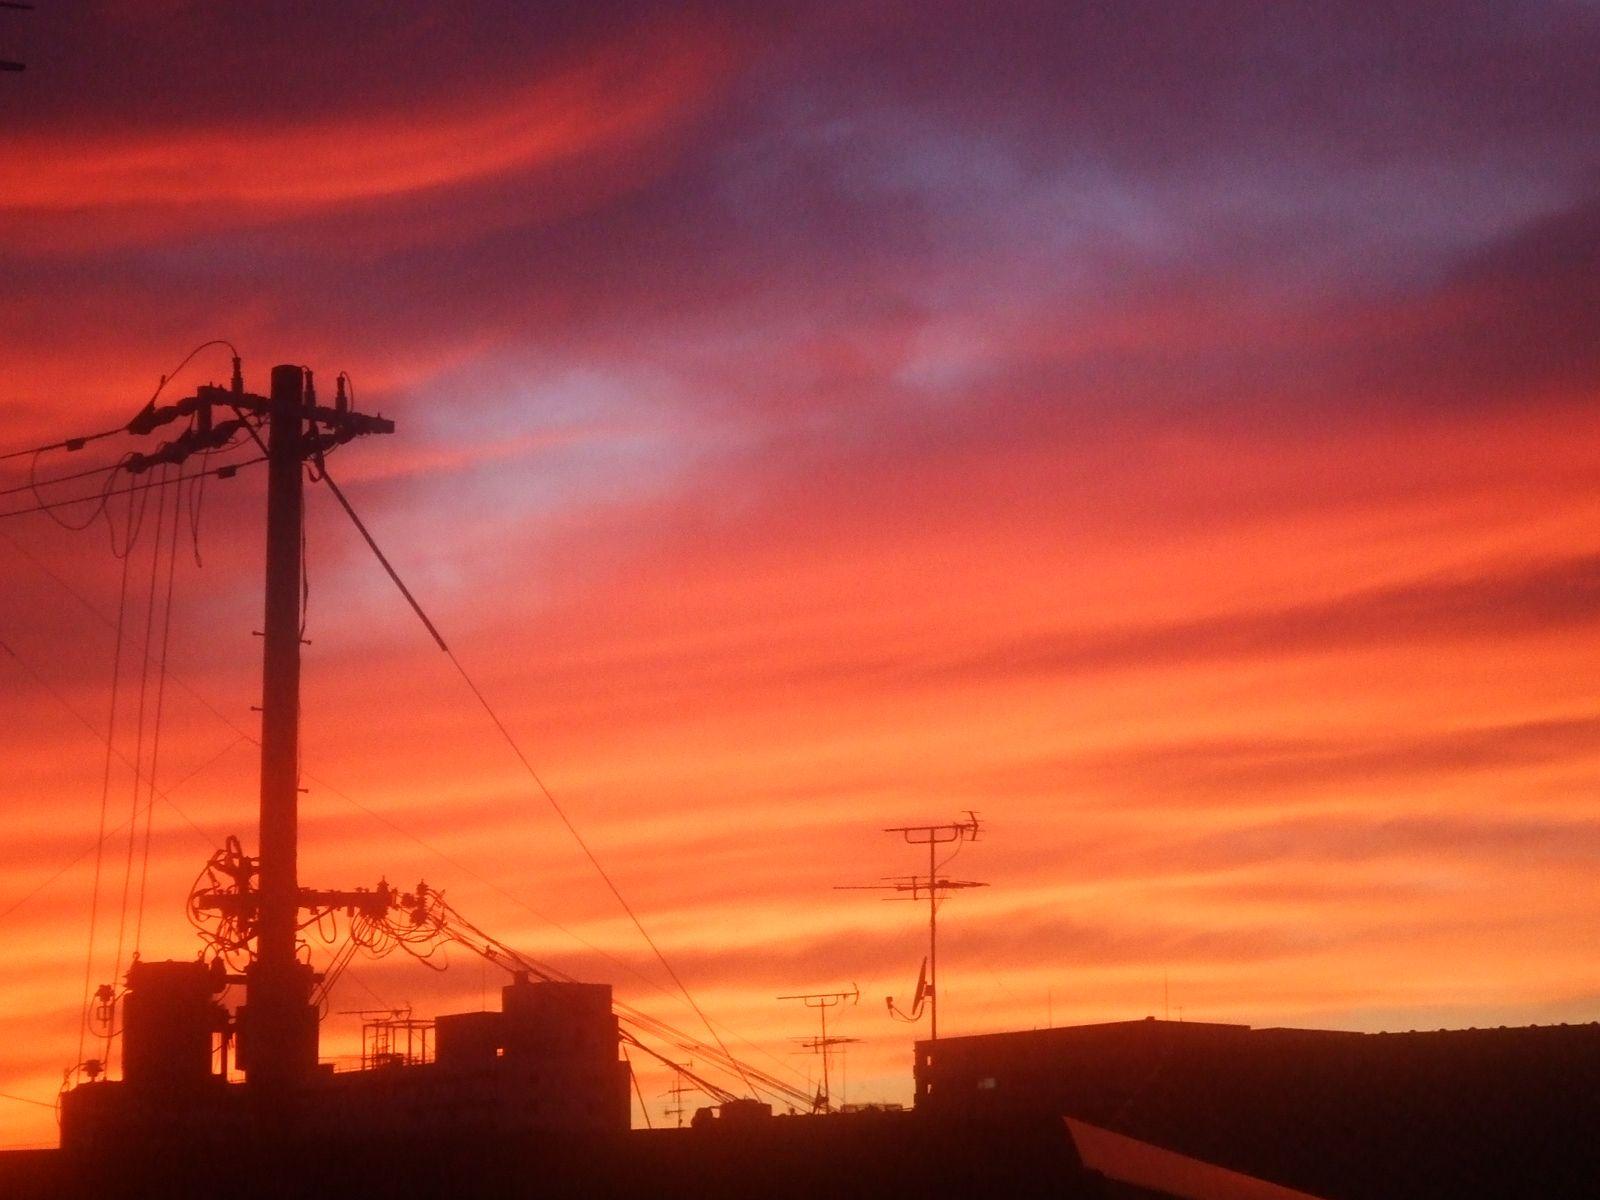 東京、西の空が真っ赤に染まる…